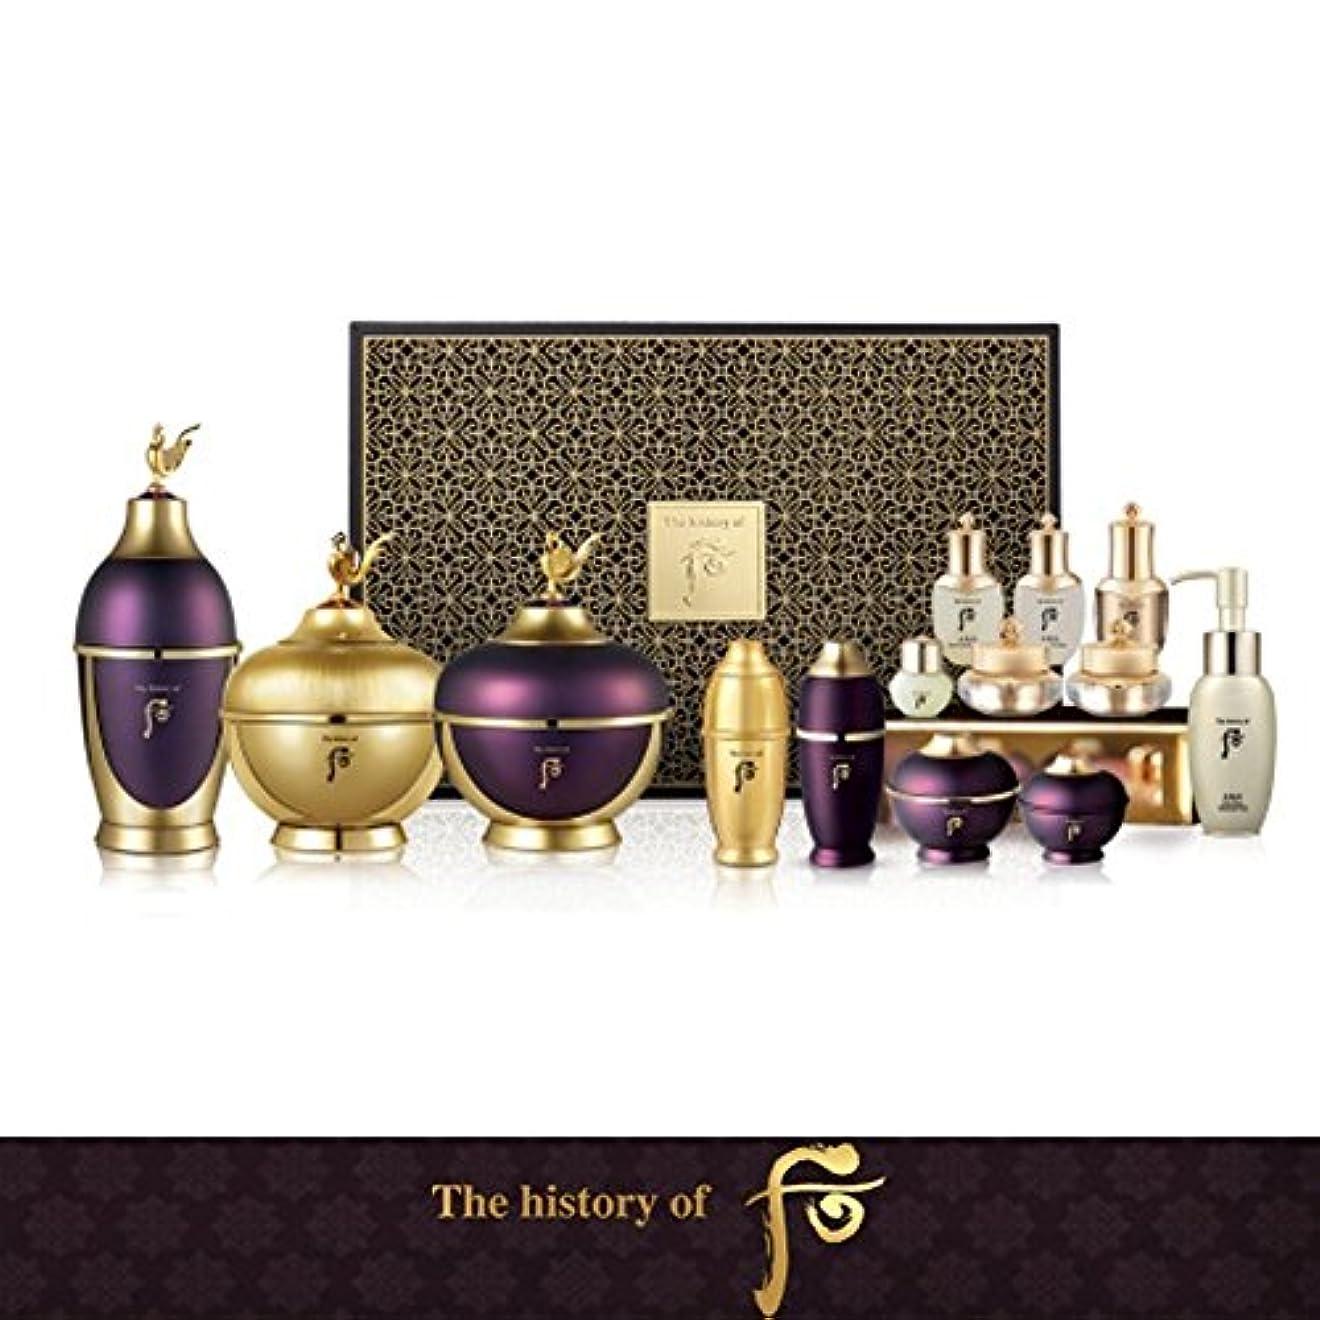 積極的に前提条件休暇【フー/The history of whoo] Whoo后 Hwanyu Full Special Set/后(フー)后還幼(ファンユ)フルセット+[Sample Gift](海外直送品)